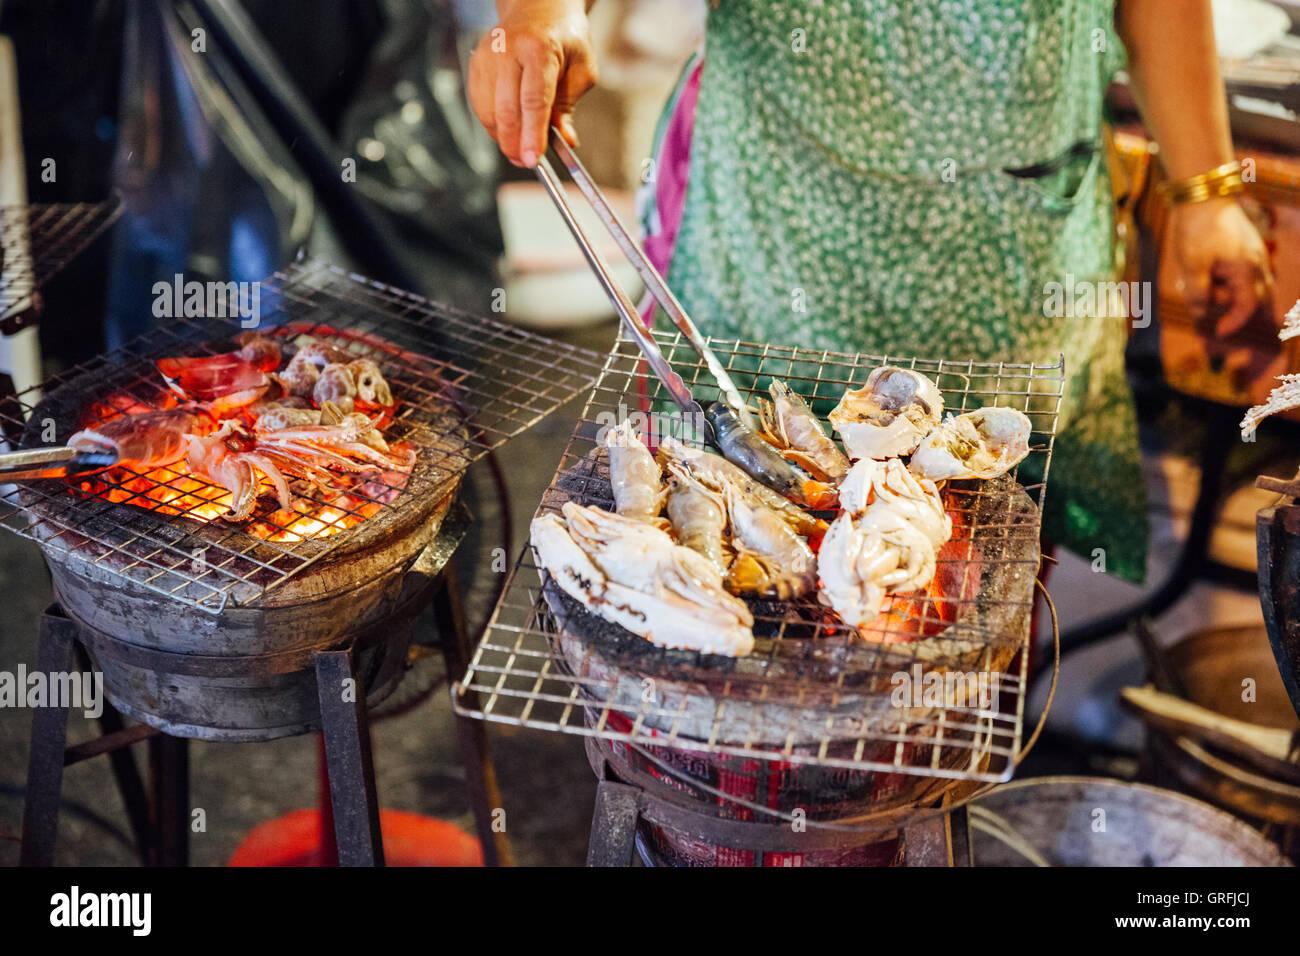 CHIANG MAI, THAÏLANDE - 27 août: cuisiniers de vendeurs d'aliments sur des fruits de mer au Photo Stock